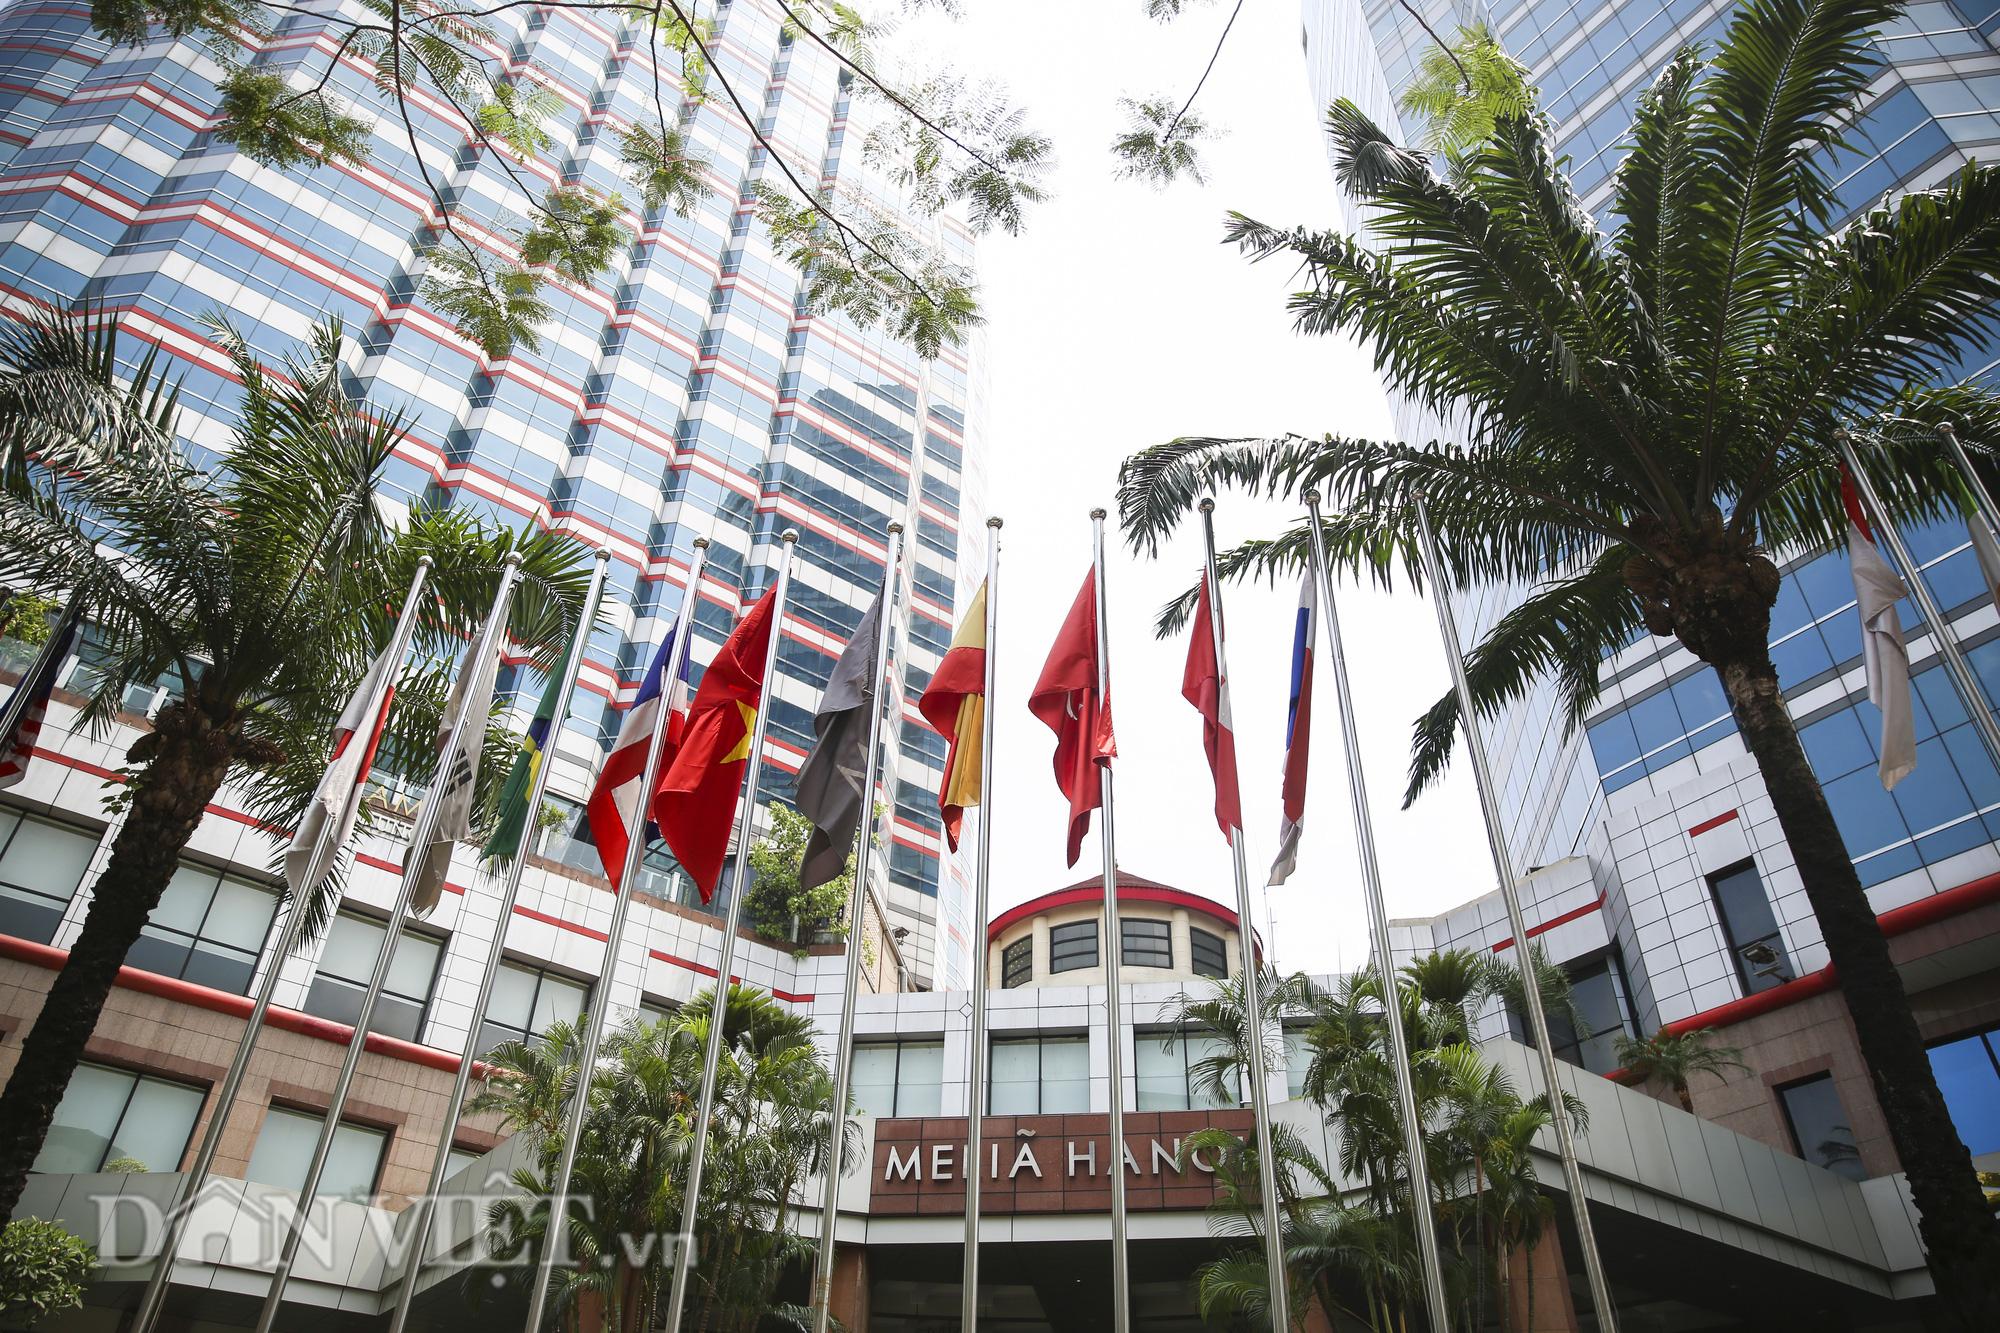 Nhiều khách sạn tại Hà Nội chưa thể mở cửa sau dịch Covid-19 - Ảnh 1.